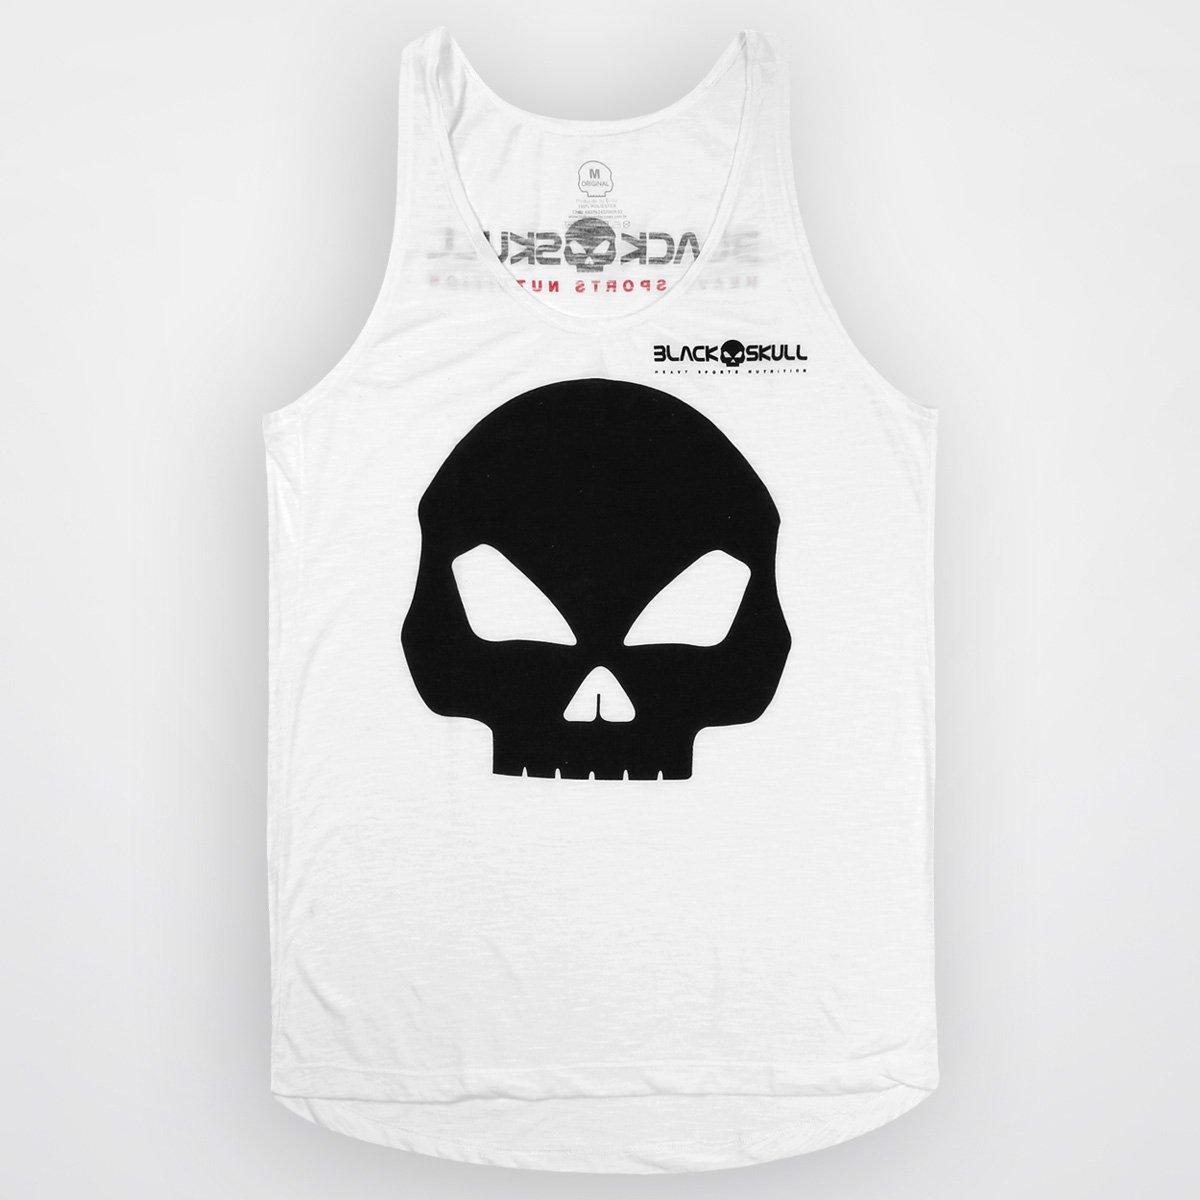 Camiseta Regata Black Skull Caveira - Compre Agora  9ffe68e0d23